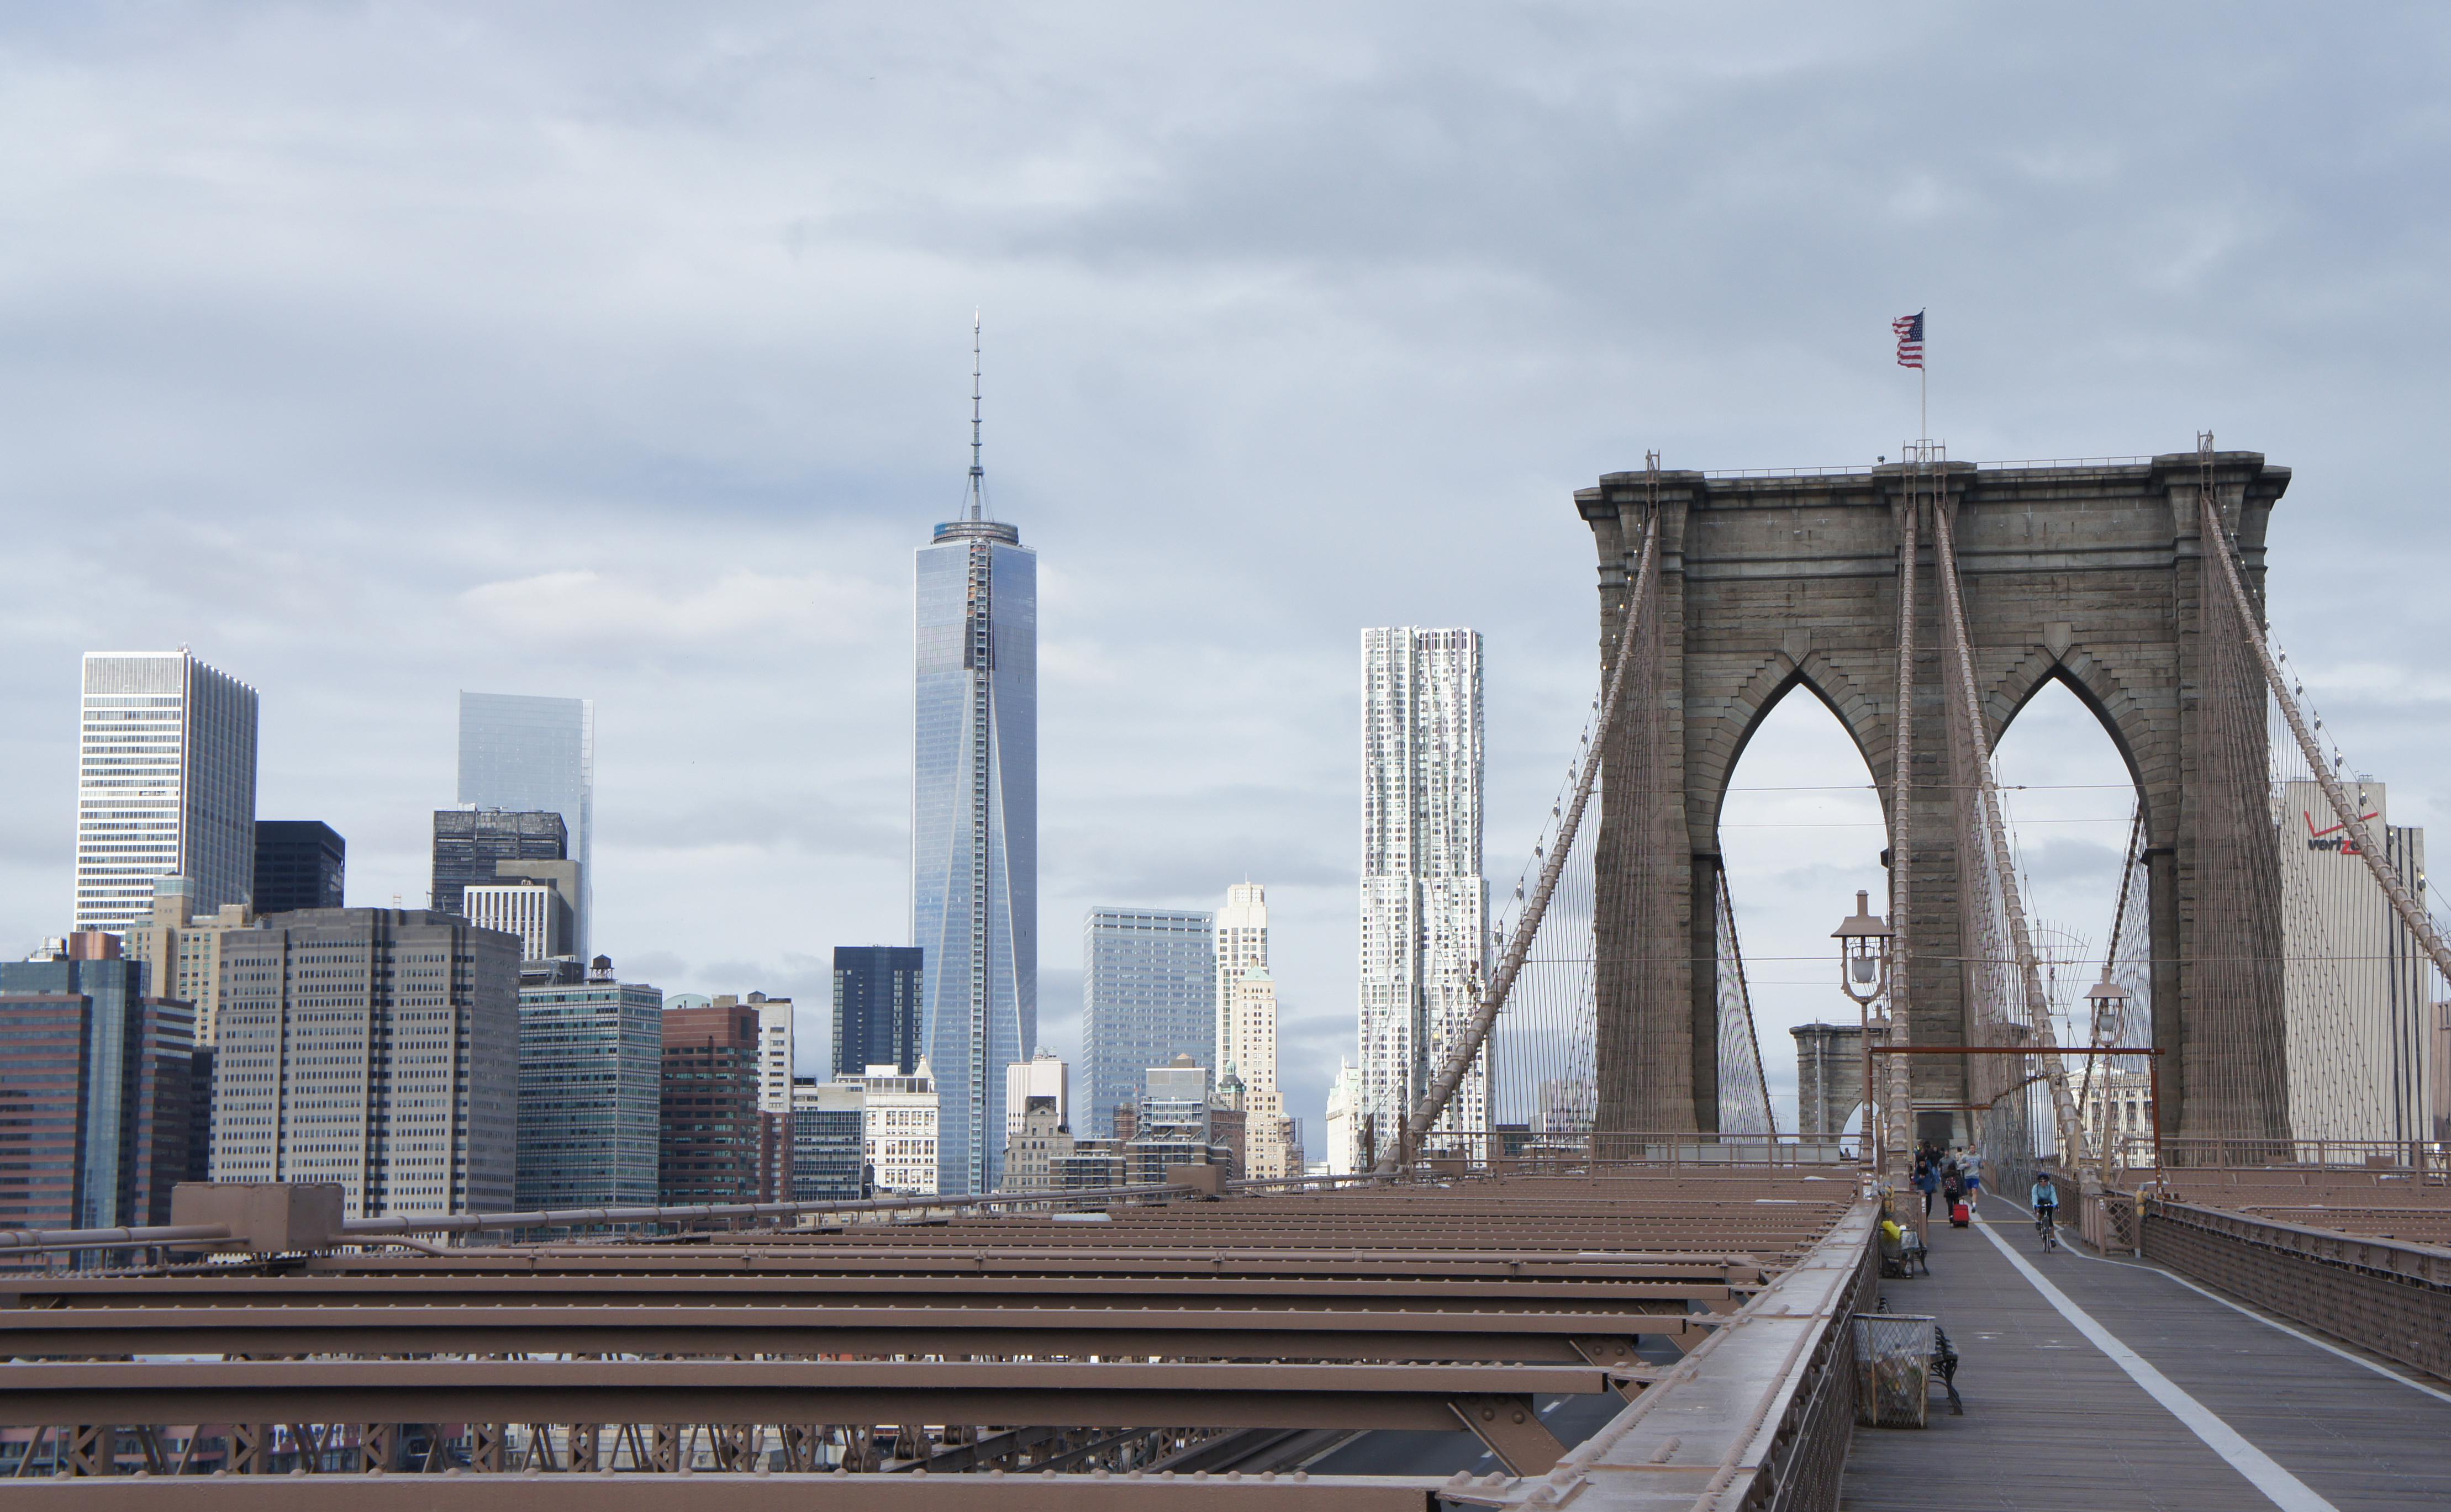 Bogen Stehle kostenlose foto draussen die architektur himmel brücke skyline